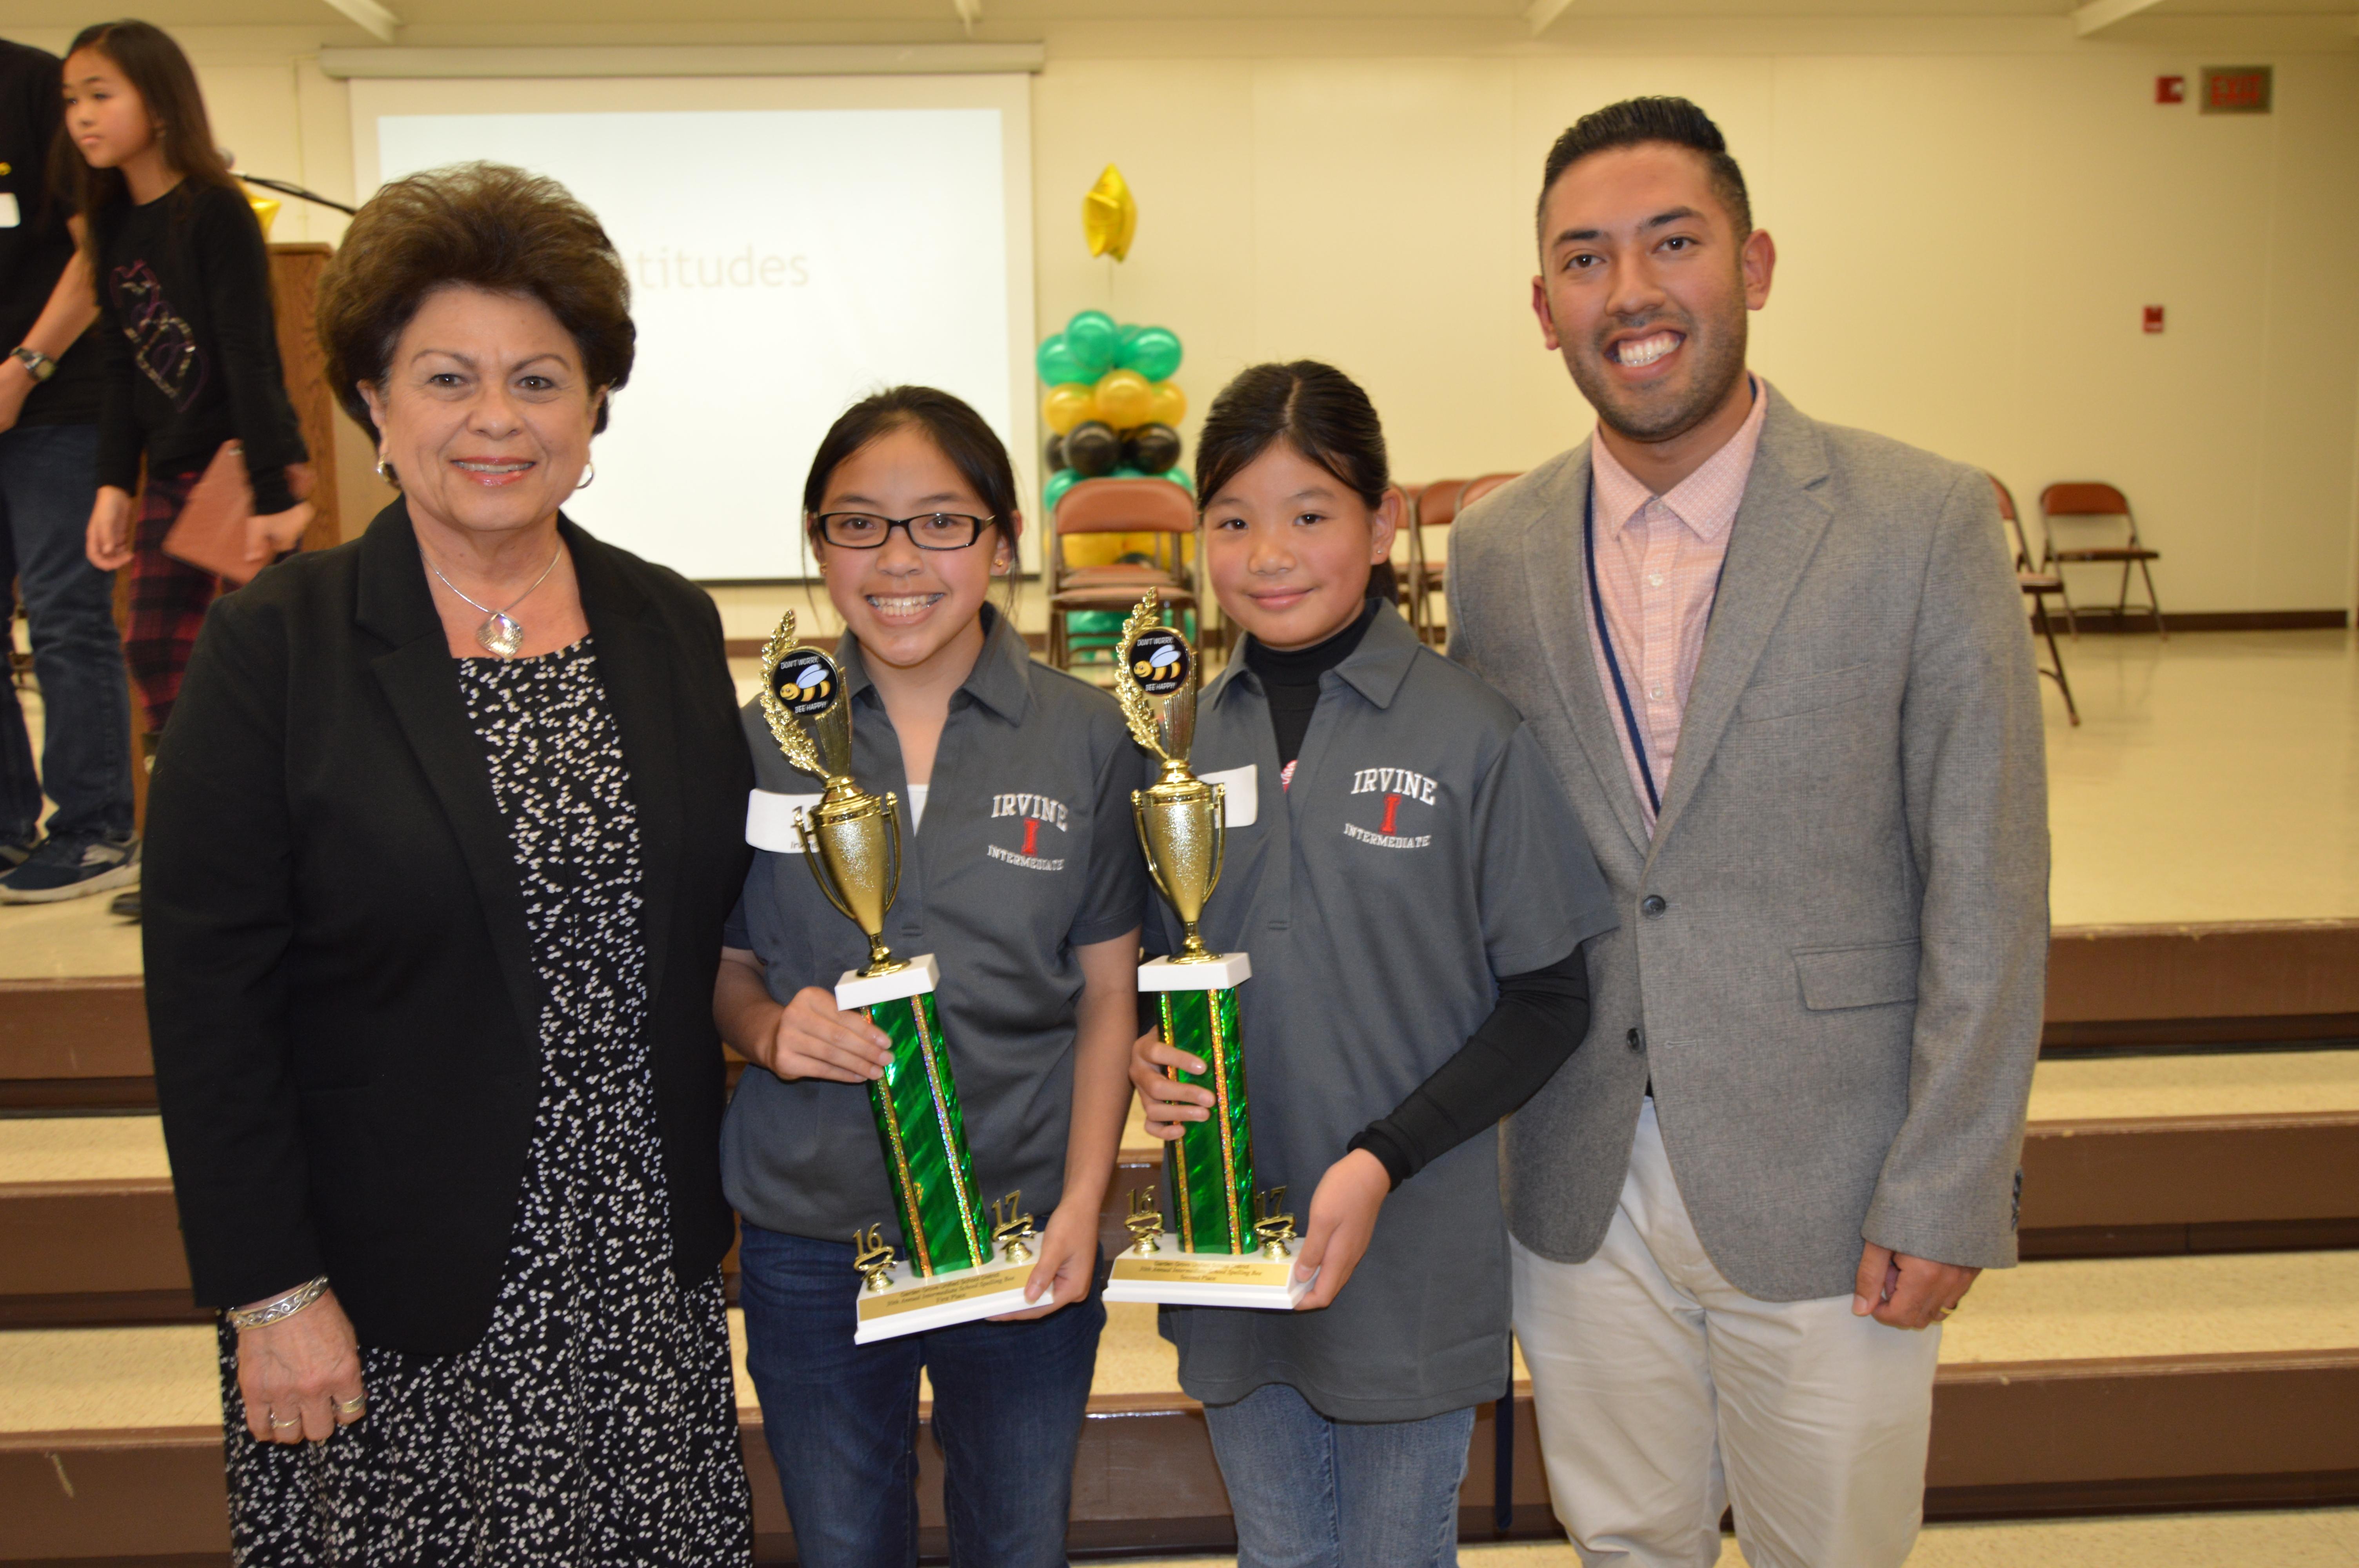 Irvine School Girl Is Top Ggusd Speller Orange County Tribune